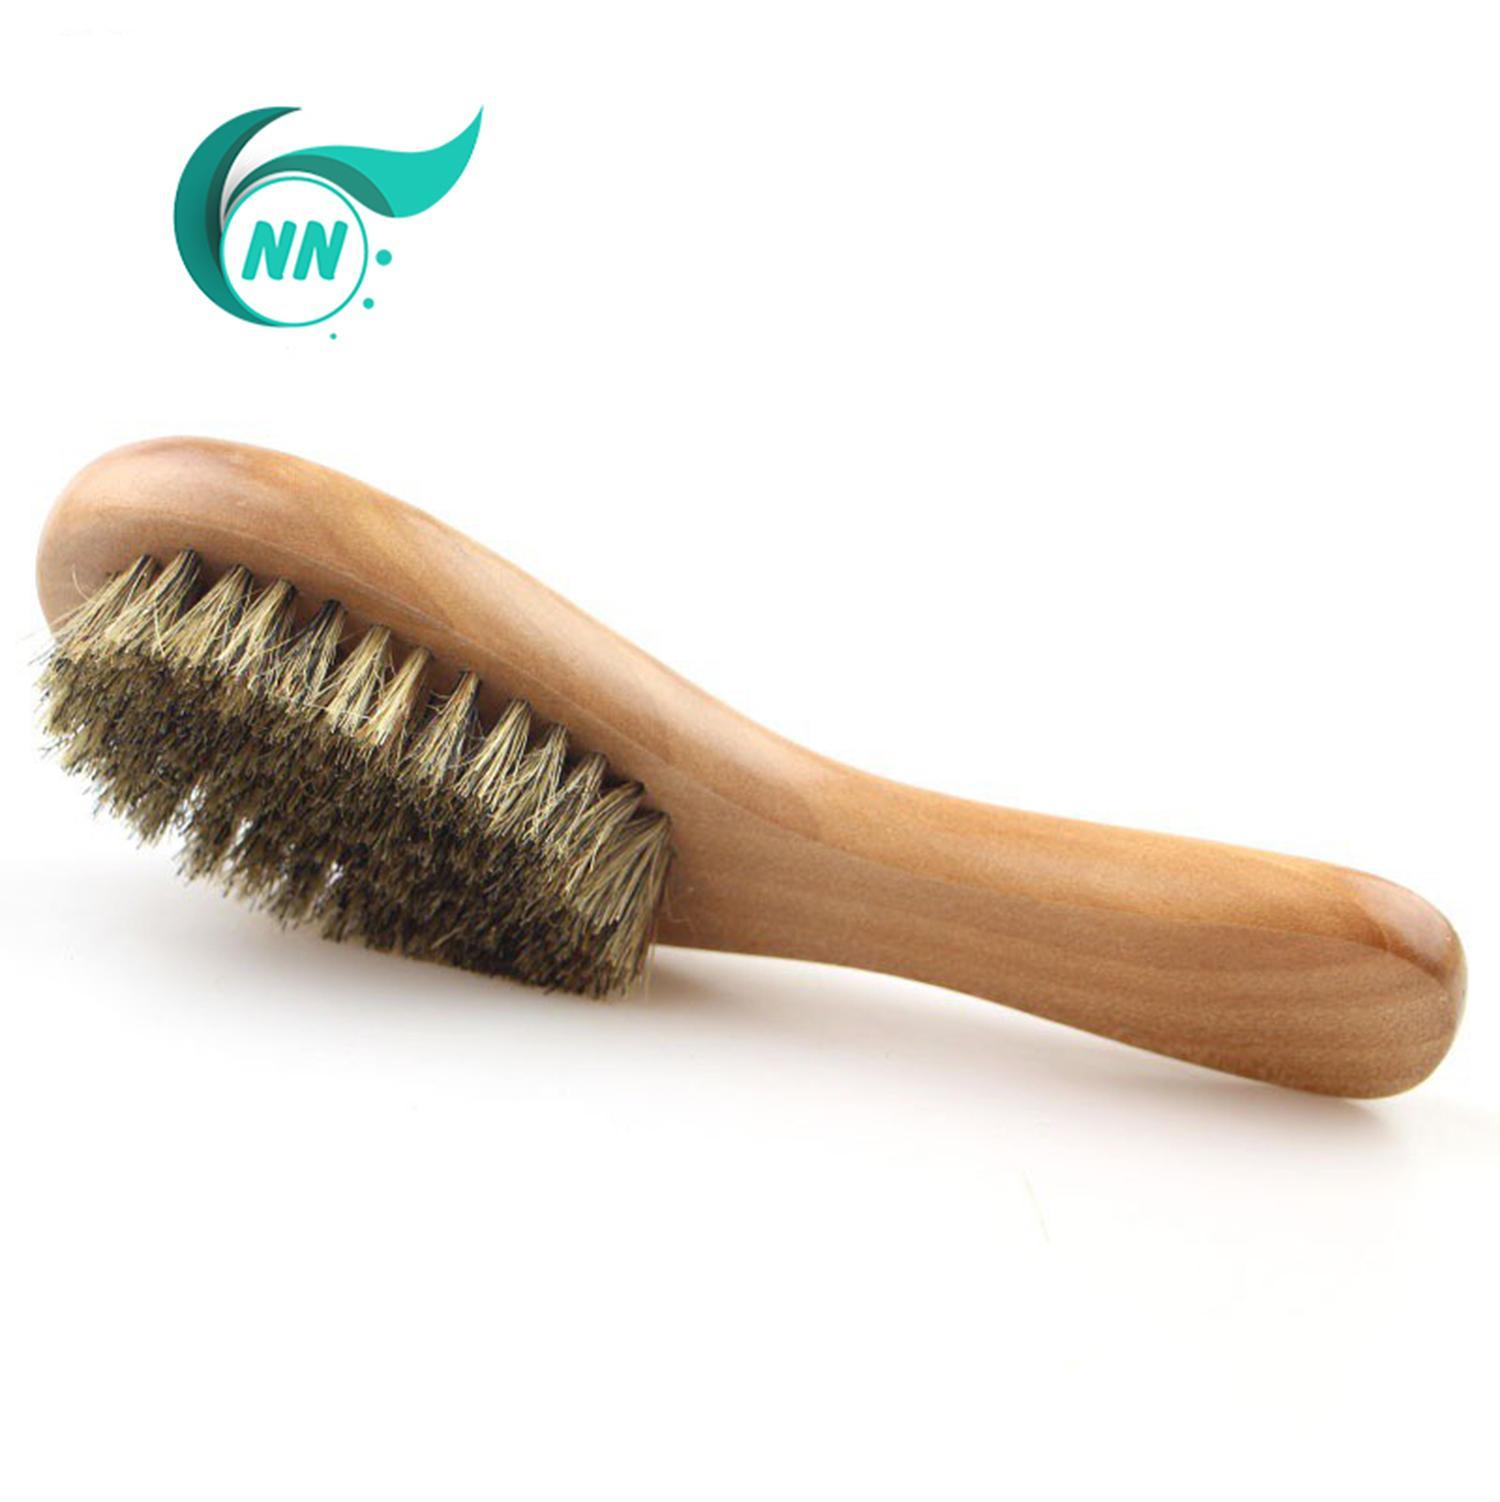 Bàn chài tóc cán gỗ lông con heo rừng chính hãng